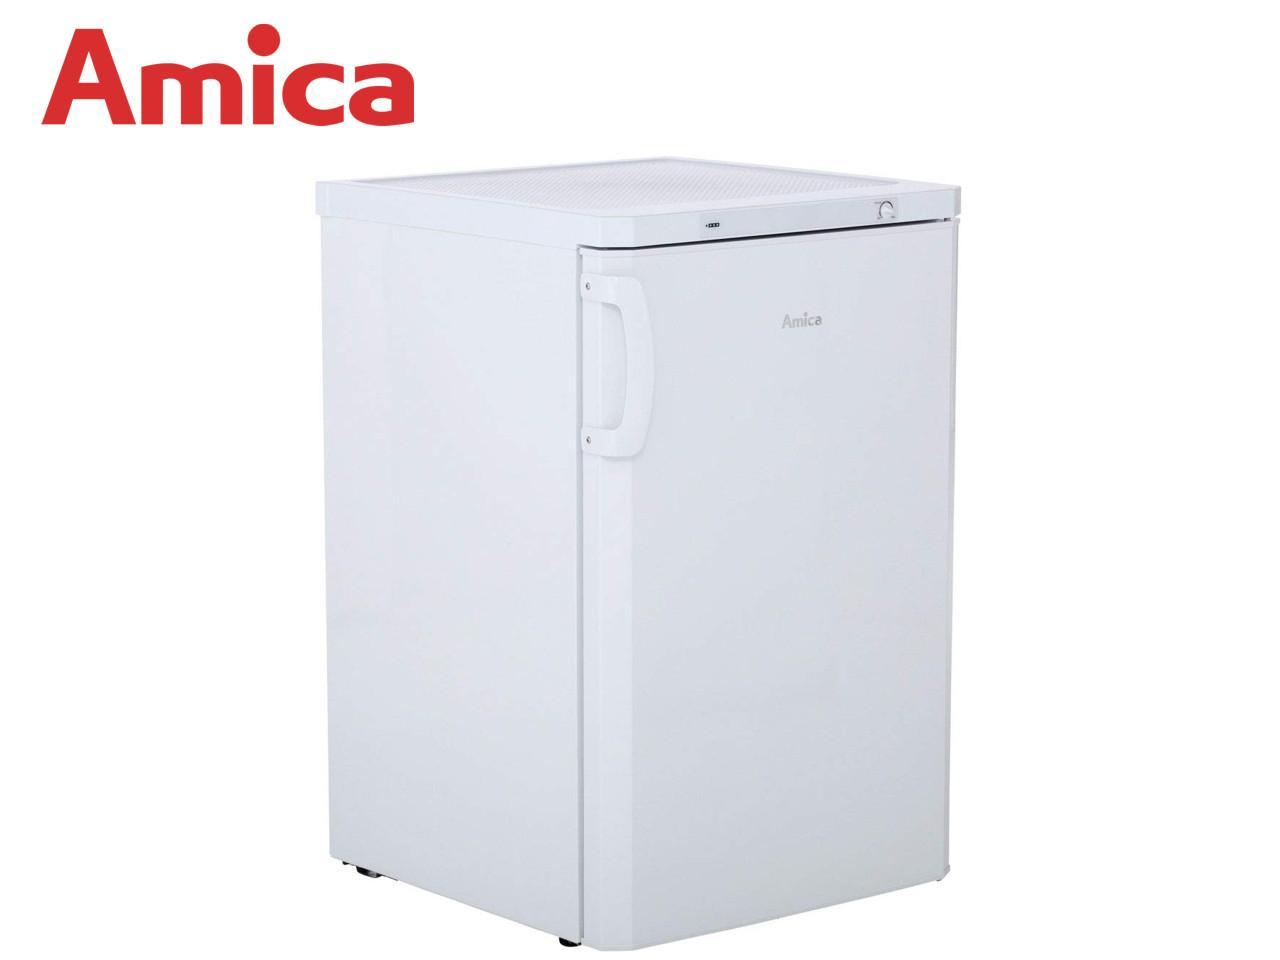 AMICA GS 15198 W